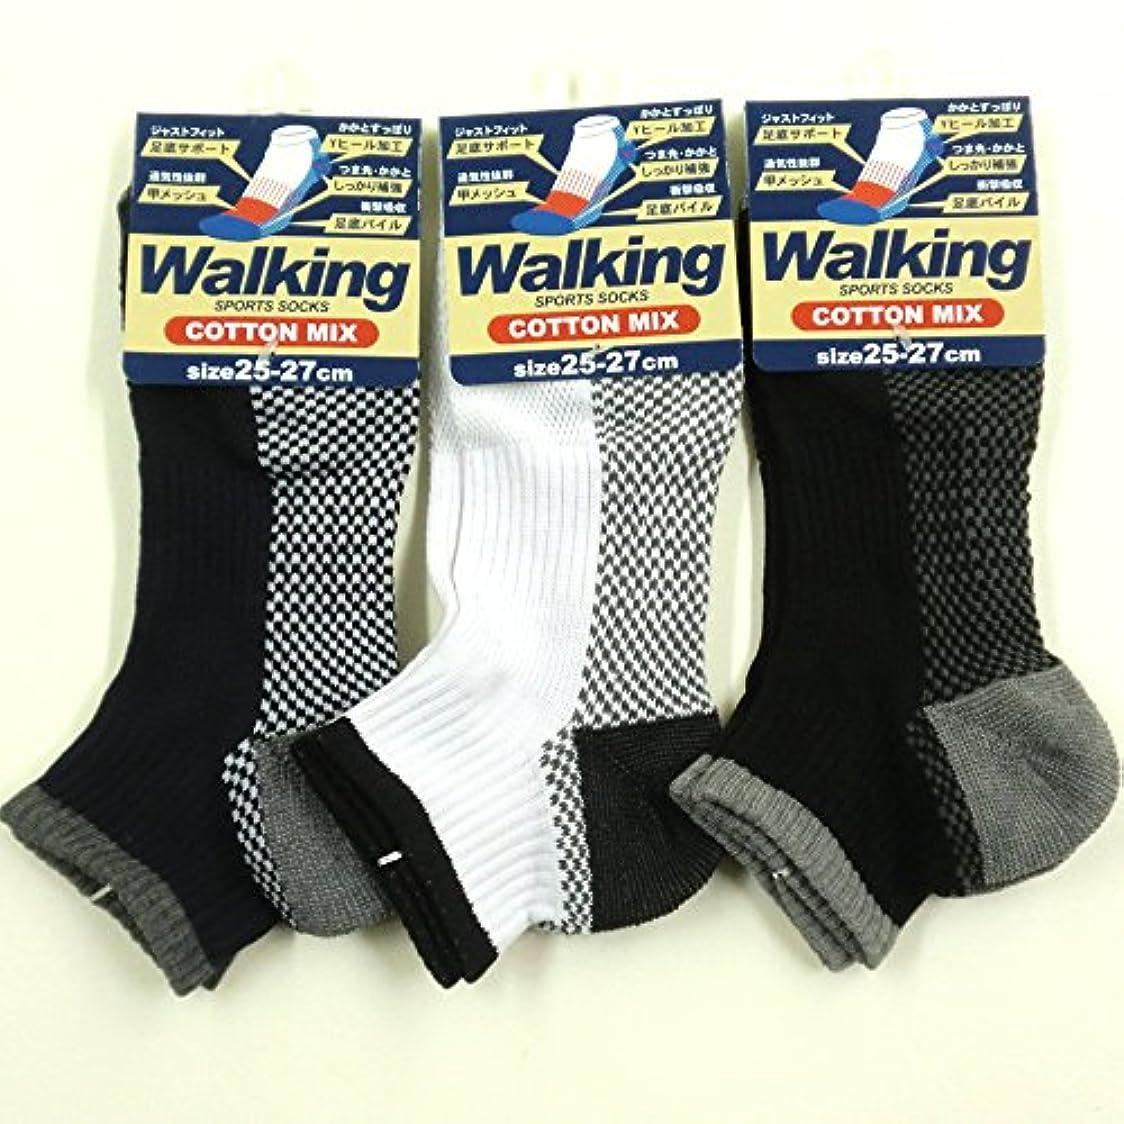 祝福遺棄された保護するスニーカー ソックス メンズ ウォーキング 靴下 綿混 足底パイル 25-27cm 3足セット